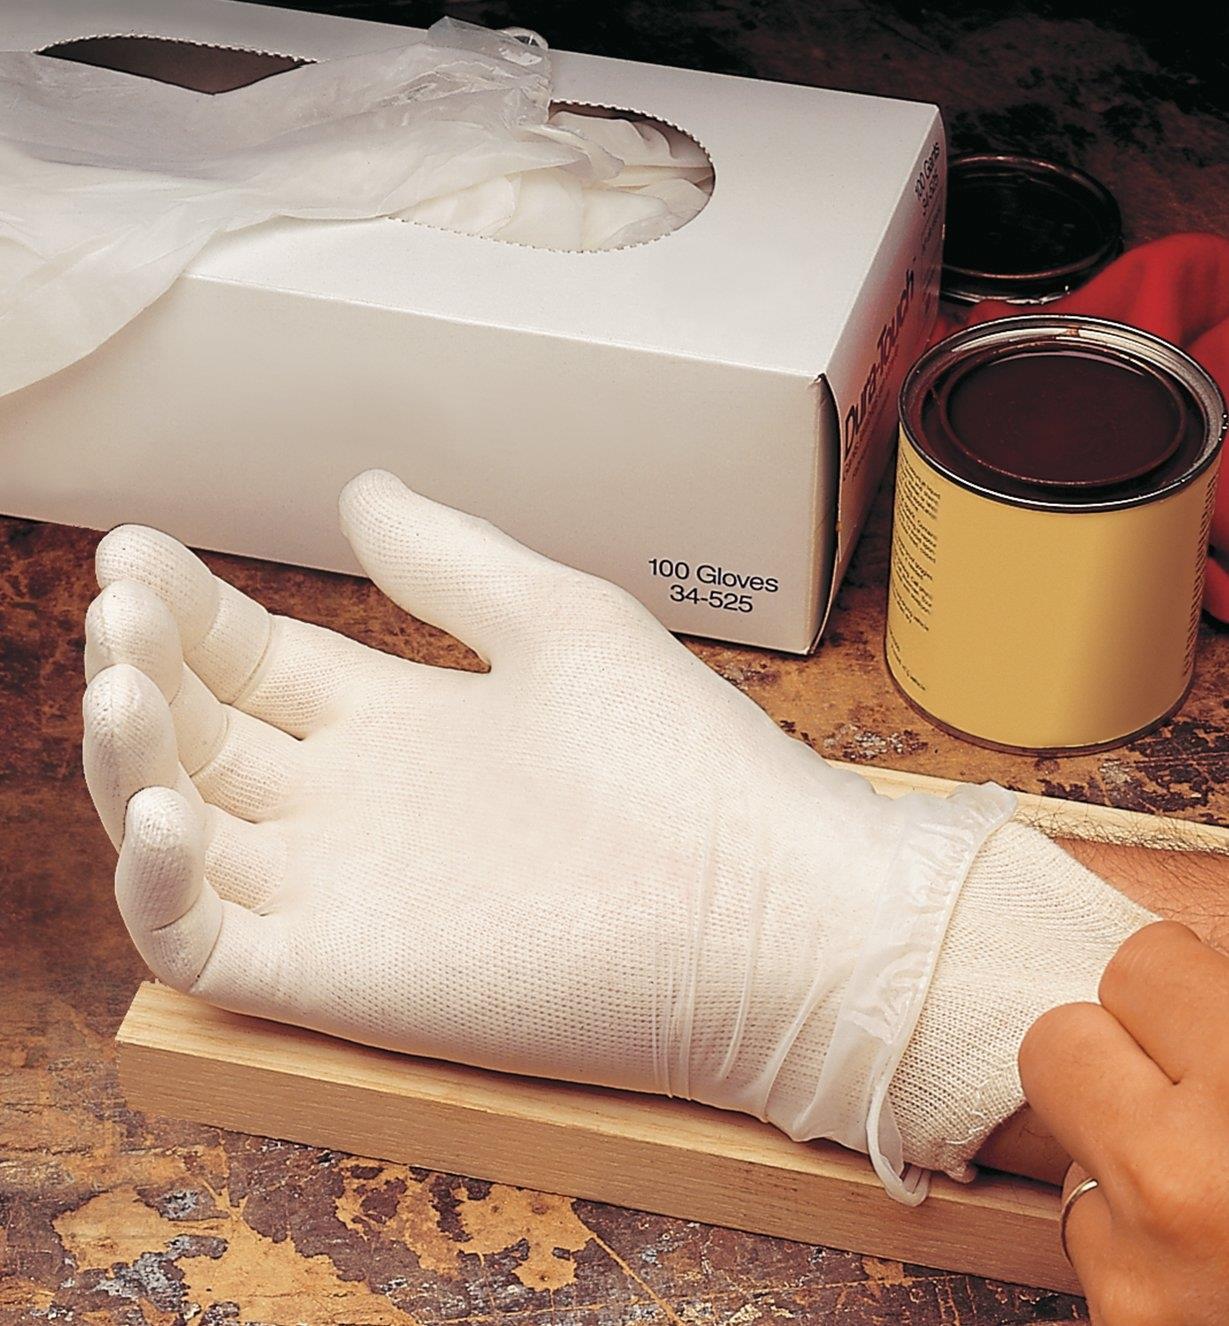 67K9101 - Women's Glove Liners, 3 pr.